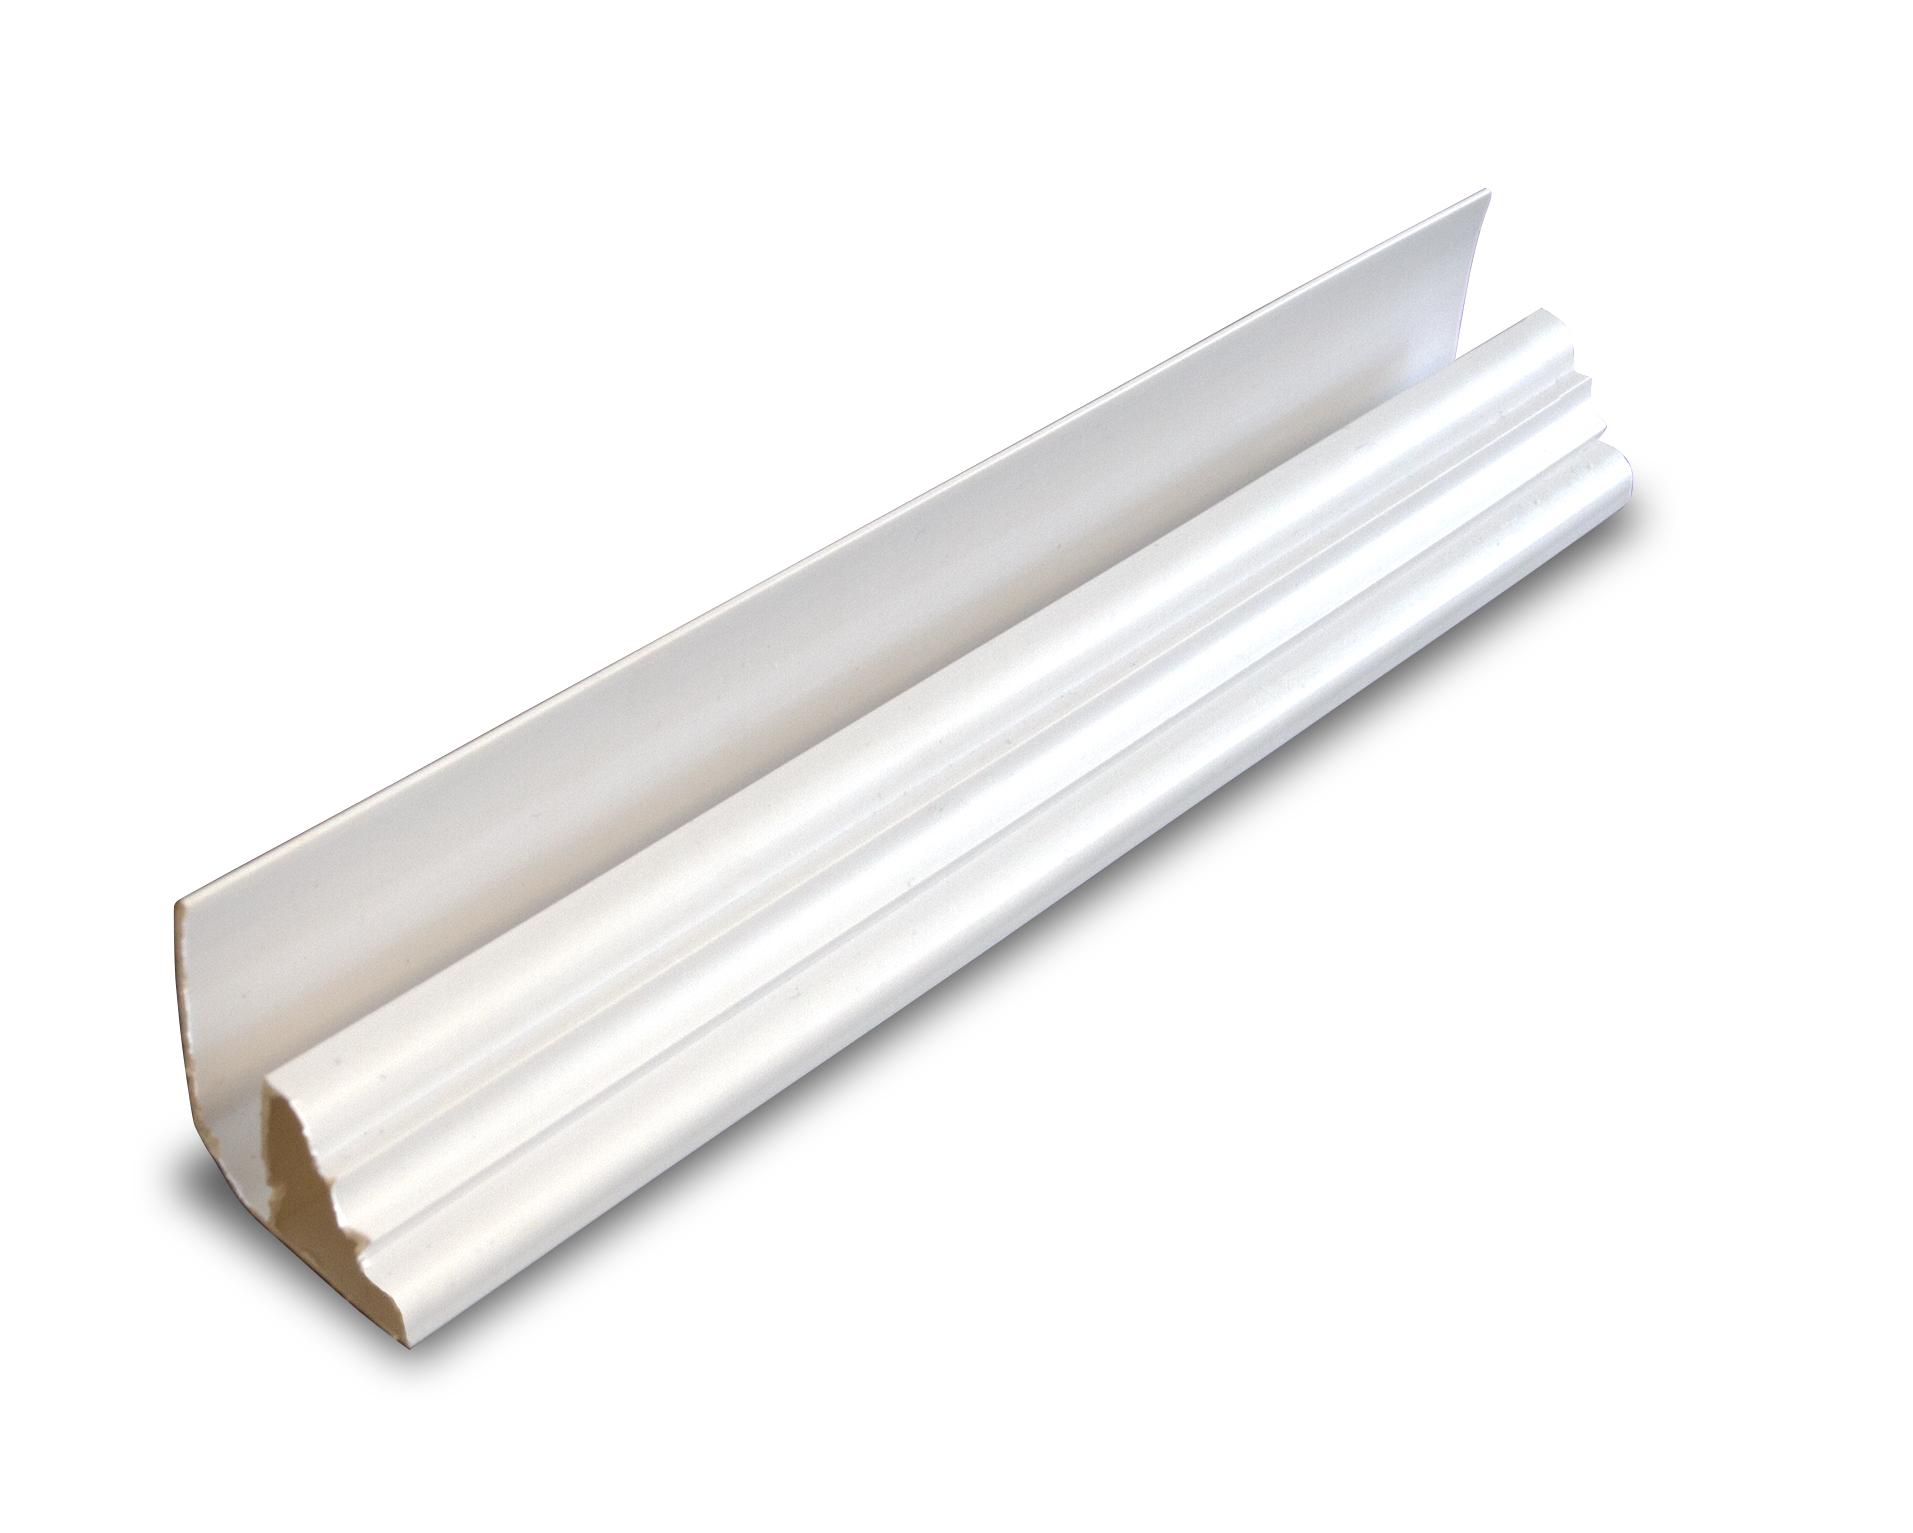 PVC Coving Trim Panel Trim